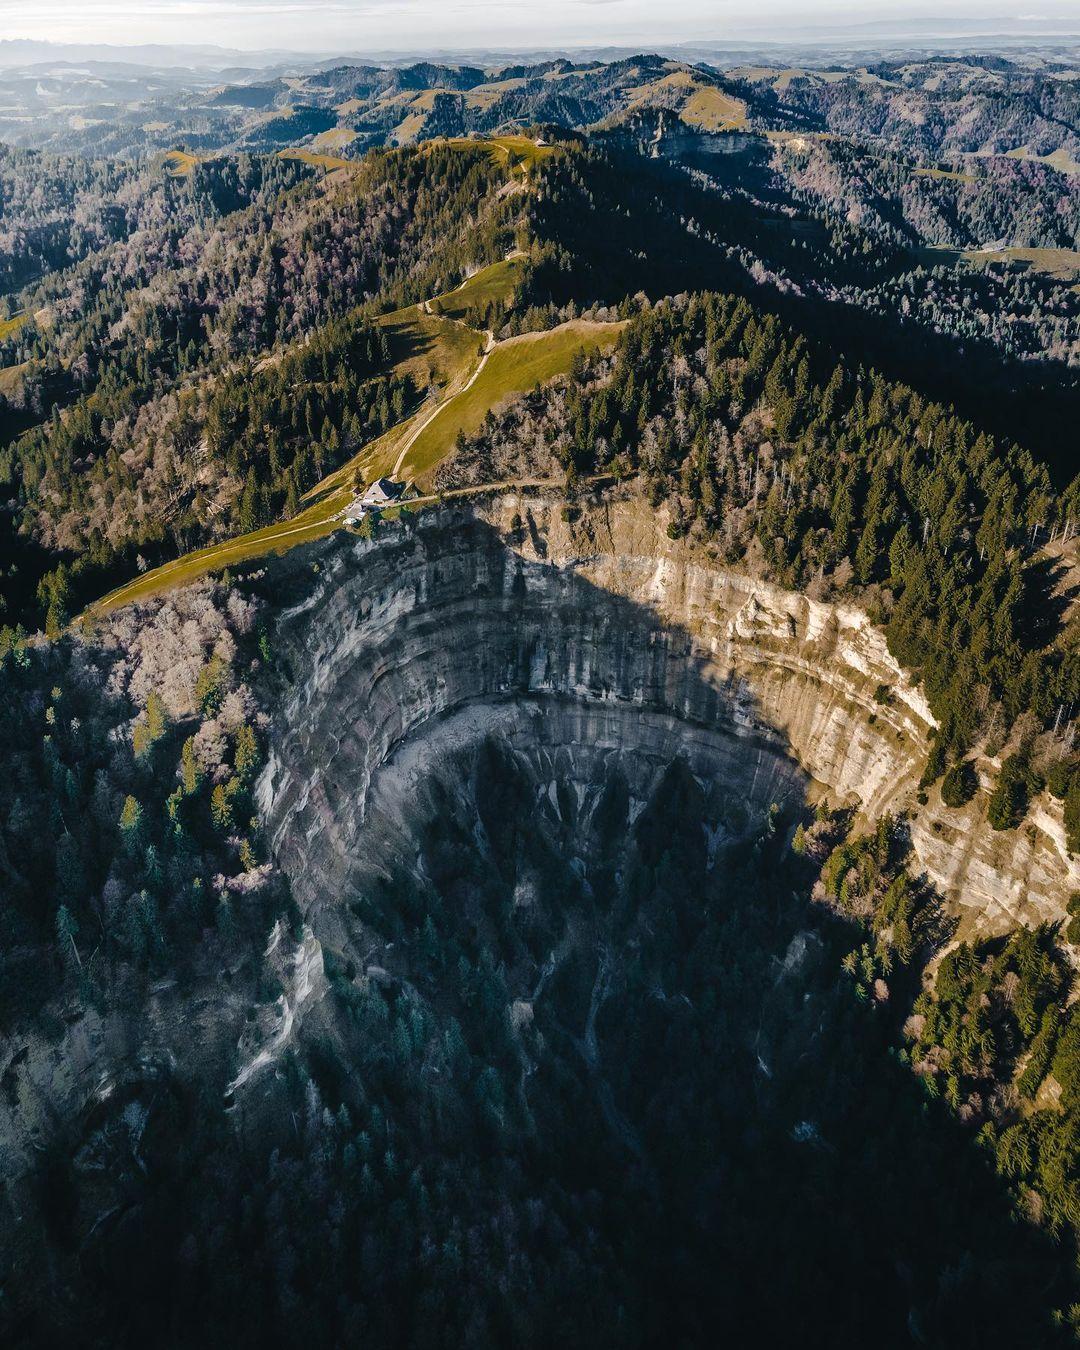 Изумительные тревел-фото Юрга Хостеттлера, которые заряжают бодростью и позитивом Хостеттлер, фокусируется, Mavic, камеру, использует, аэрофотосъемке, природной, пейзажной, Швеции, Juerg, приключений, искатель, дрона, оператор, фотограф, талантливый, Hostettler, drone